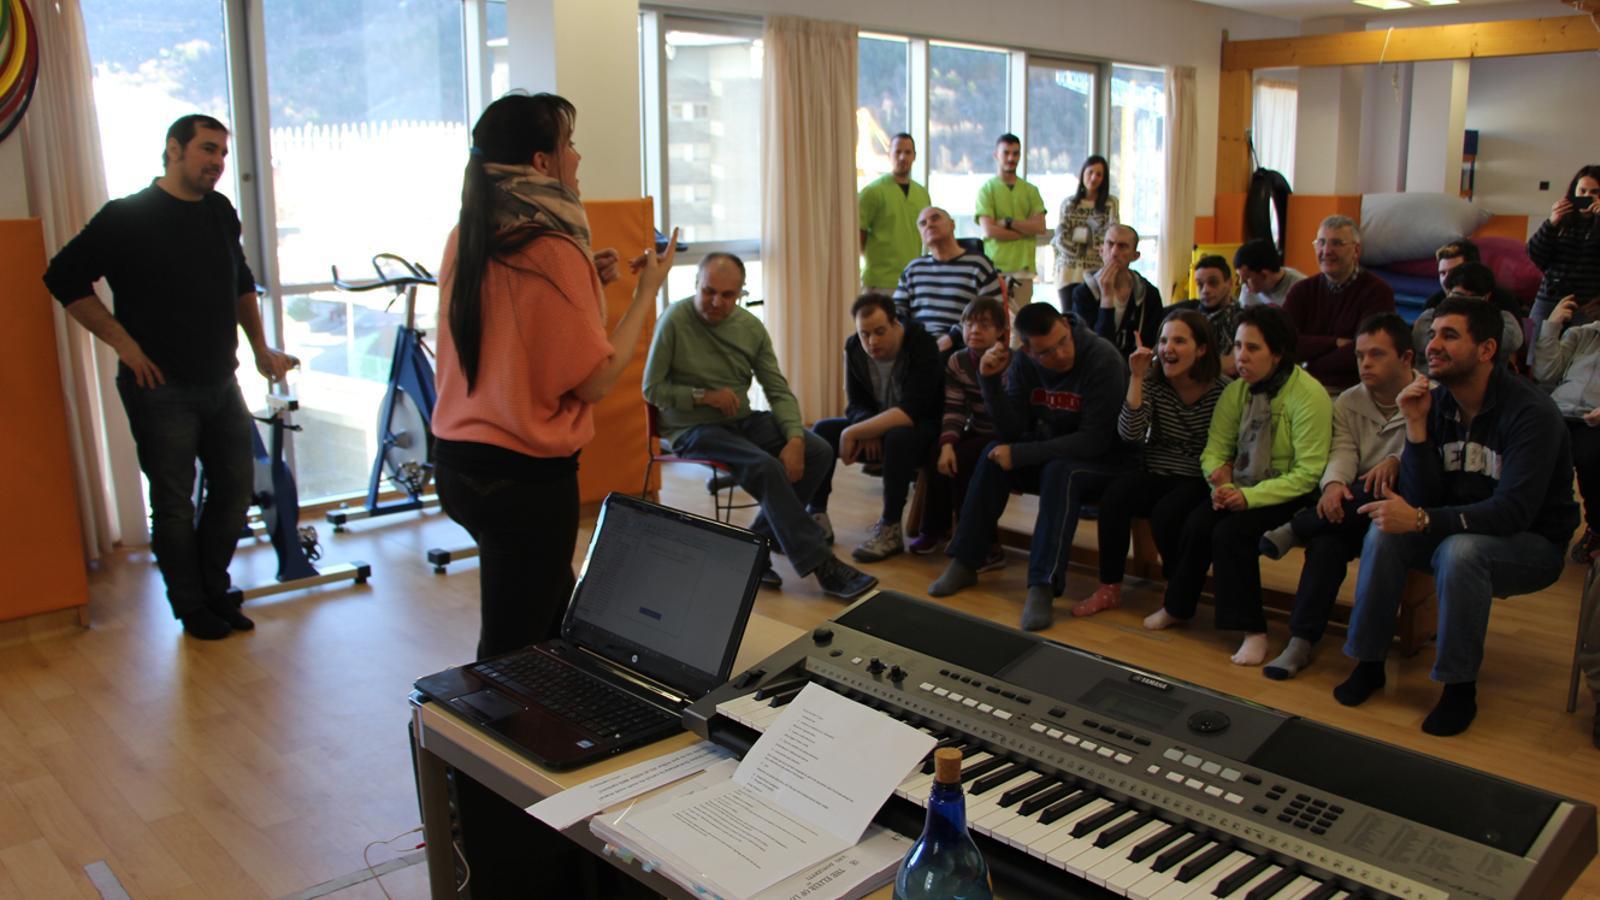 Un moment del taller d'òpera que la soprano Jonaina Salvador ha realitzat als usuaris del taller de música de l'EENSM. / L. M. (ANA)